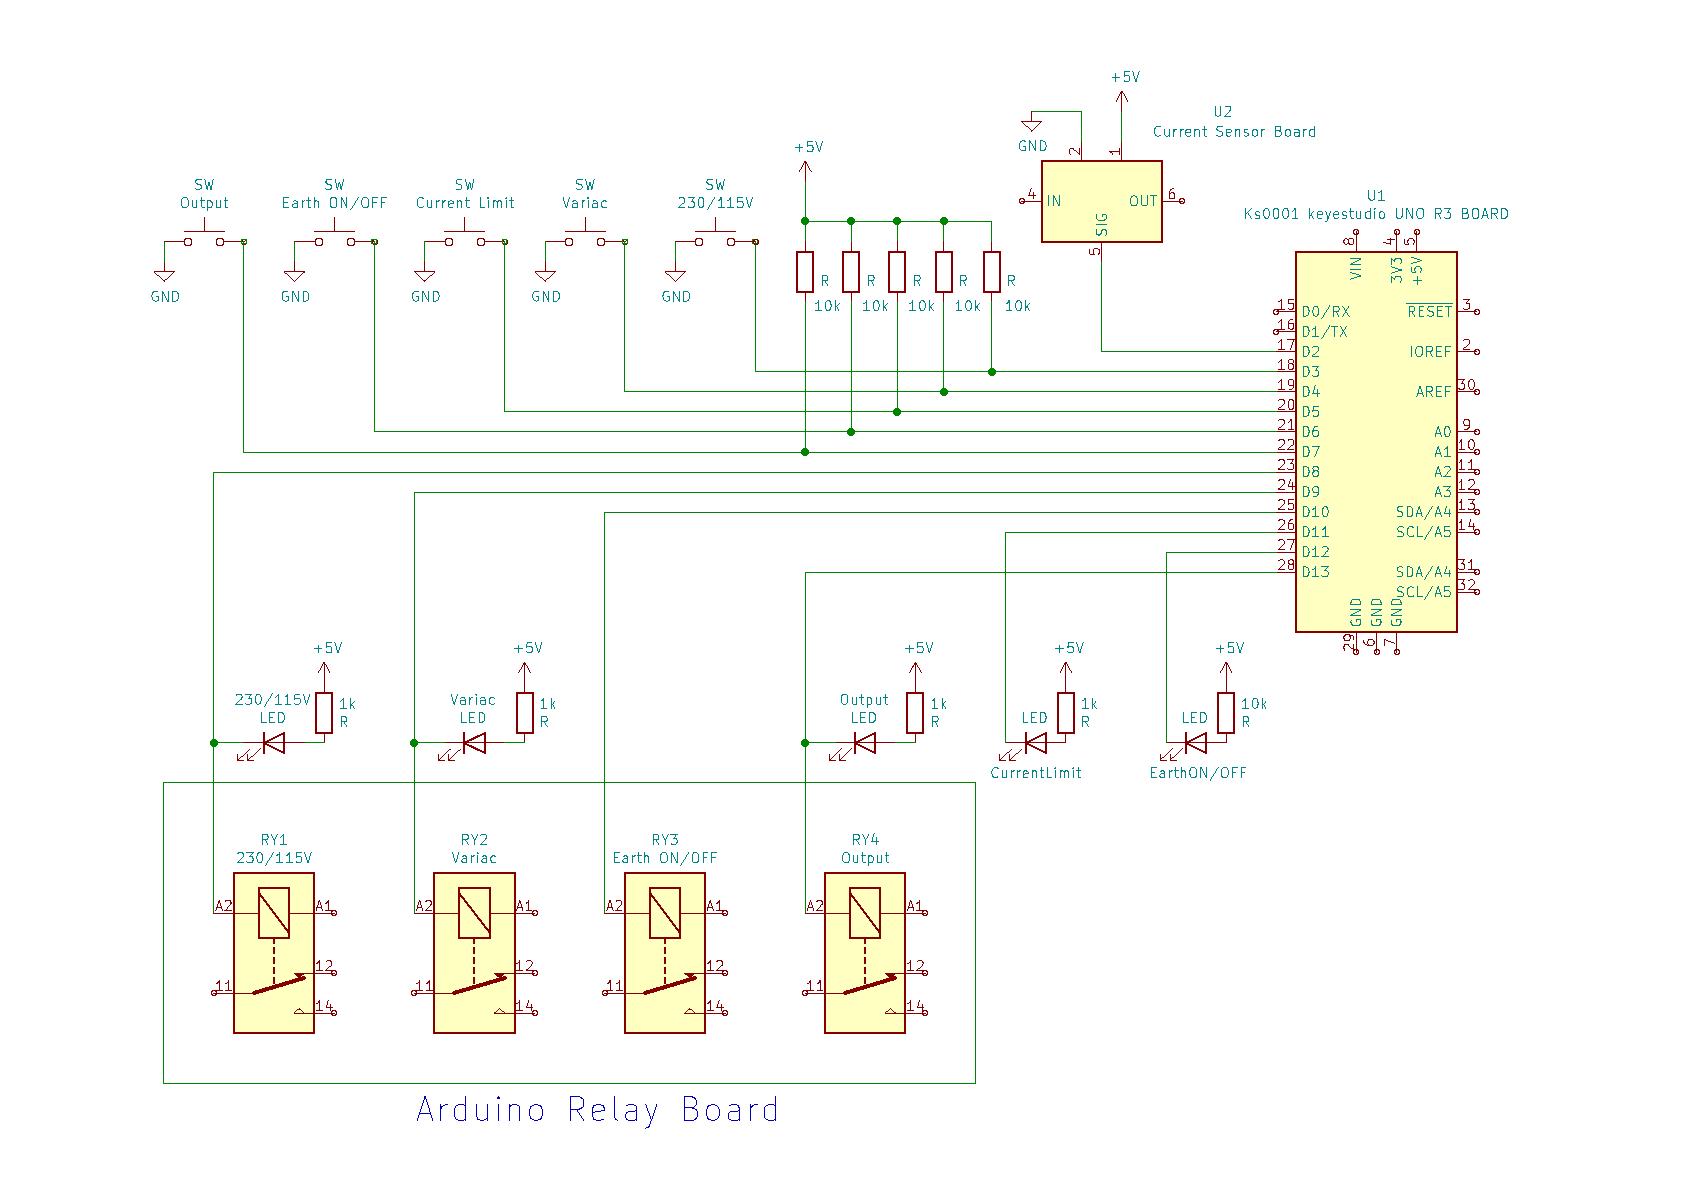 VIT internal connection diagram